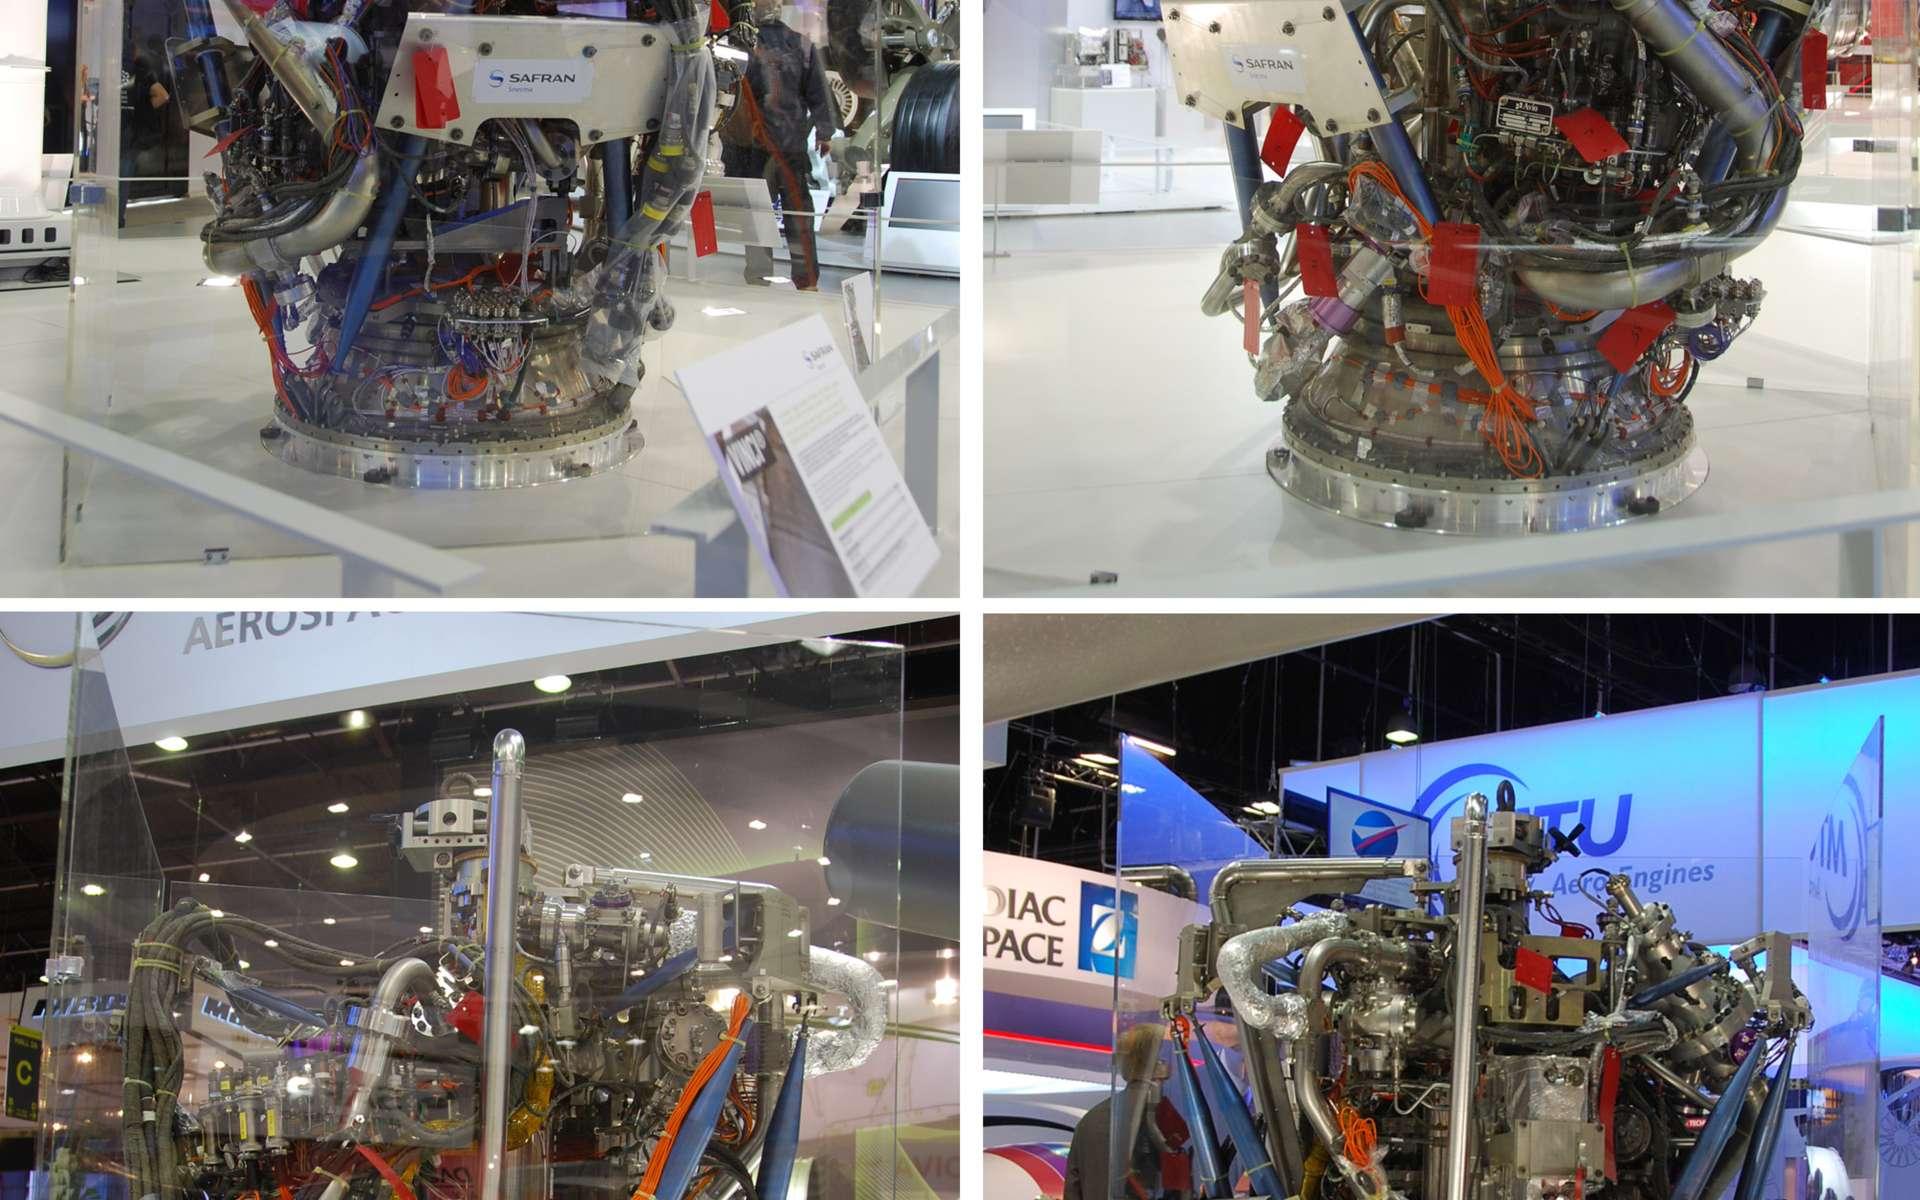 Le moteur Vinci sur le stand de Safran (Hall A). Il s'agit d'un véritable moteur. Aucun élément n'est factice. © Rémy Decourt